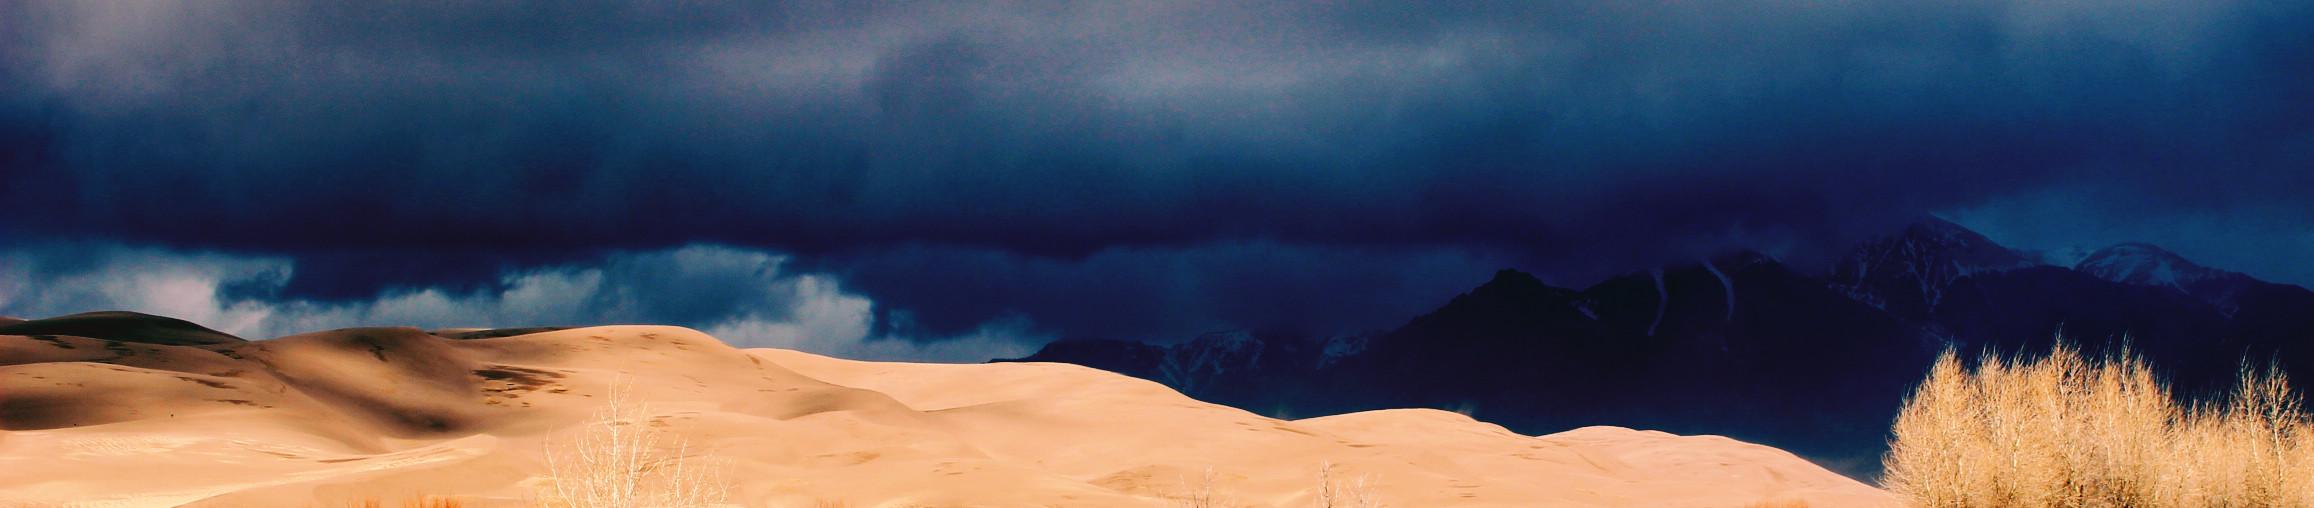 <div class='title'>           Sand Dunes National Park, CO         </div>